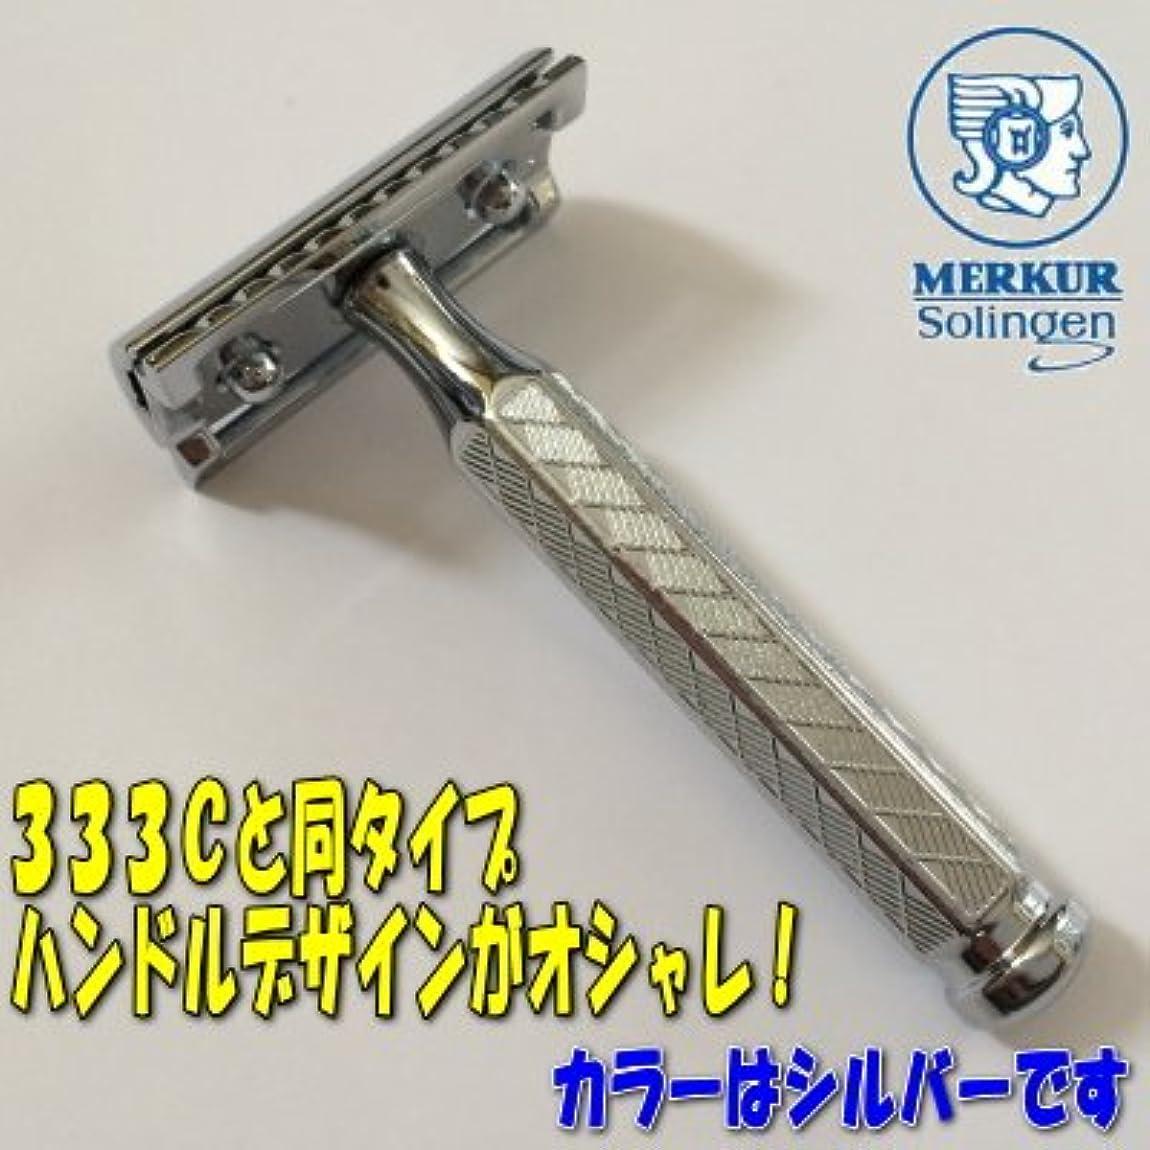 有益滝スタッフメルクール髭剃り(ひげそり) 342